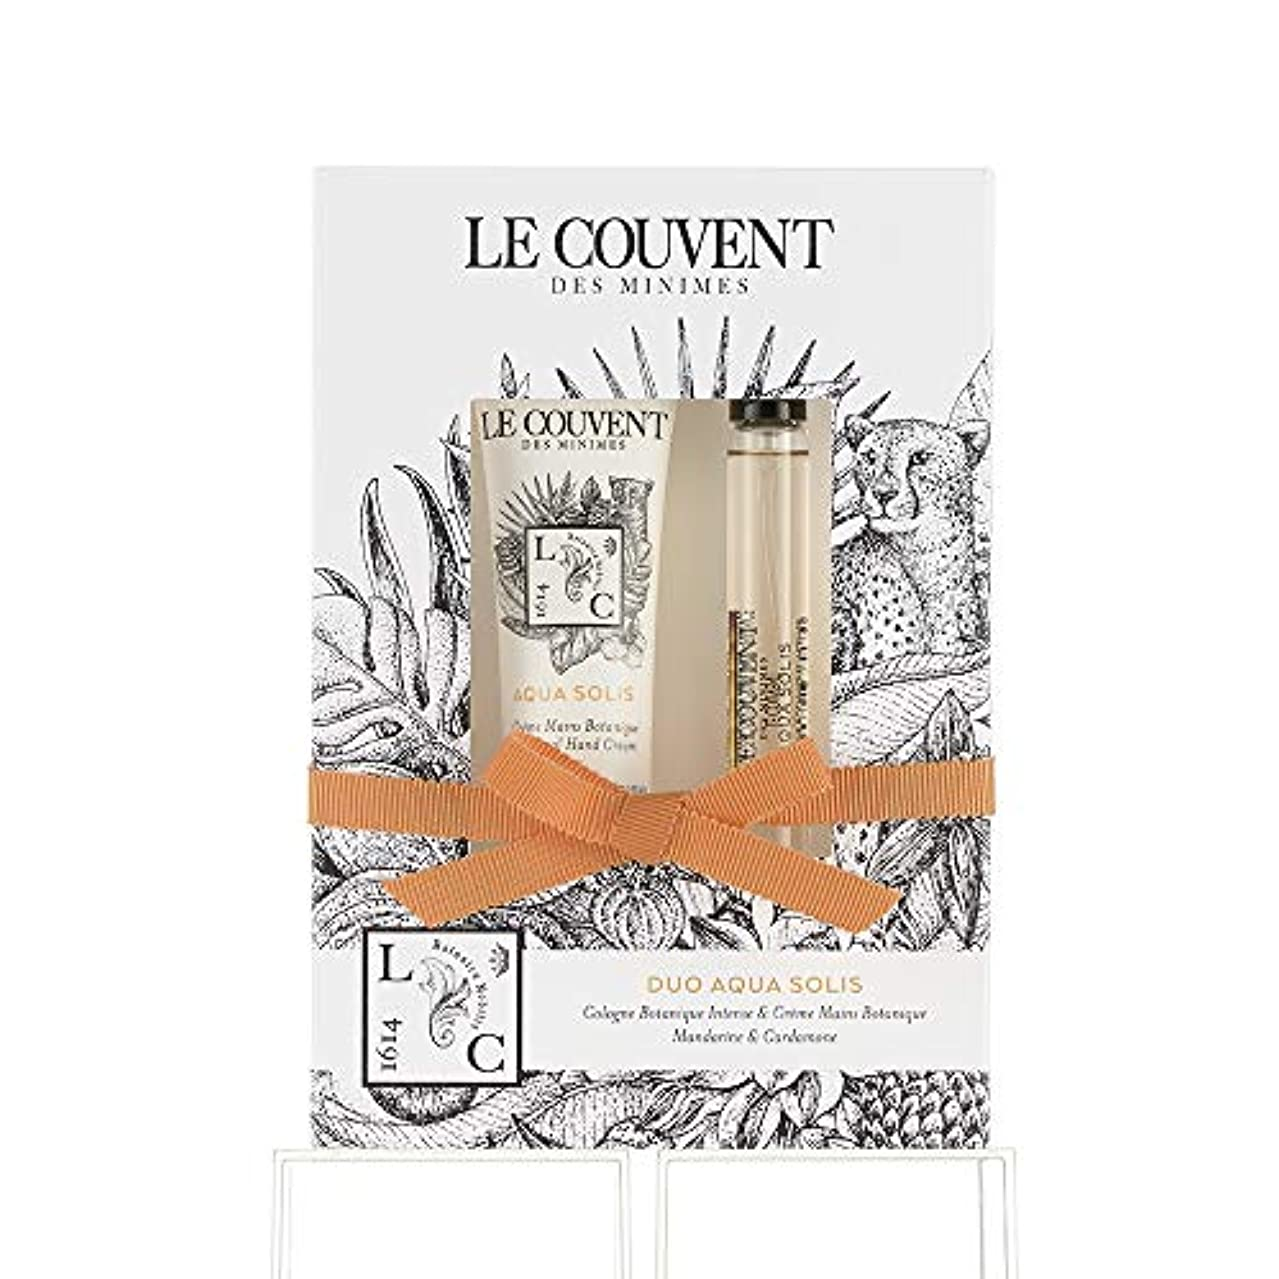 性別歯痛抹消クヴォン?デ?ミニム(Le Couvent des Minimes) ボタニカルデュオ ボタニカルコロン アクアソリス10mL×1、アクアソリス ハンドクリーム30g×1